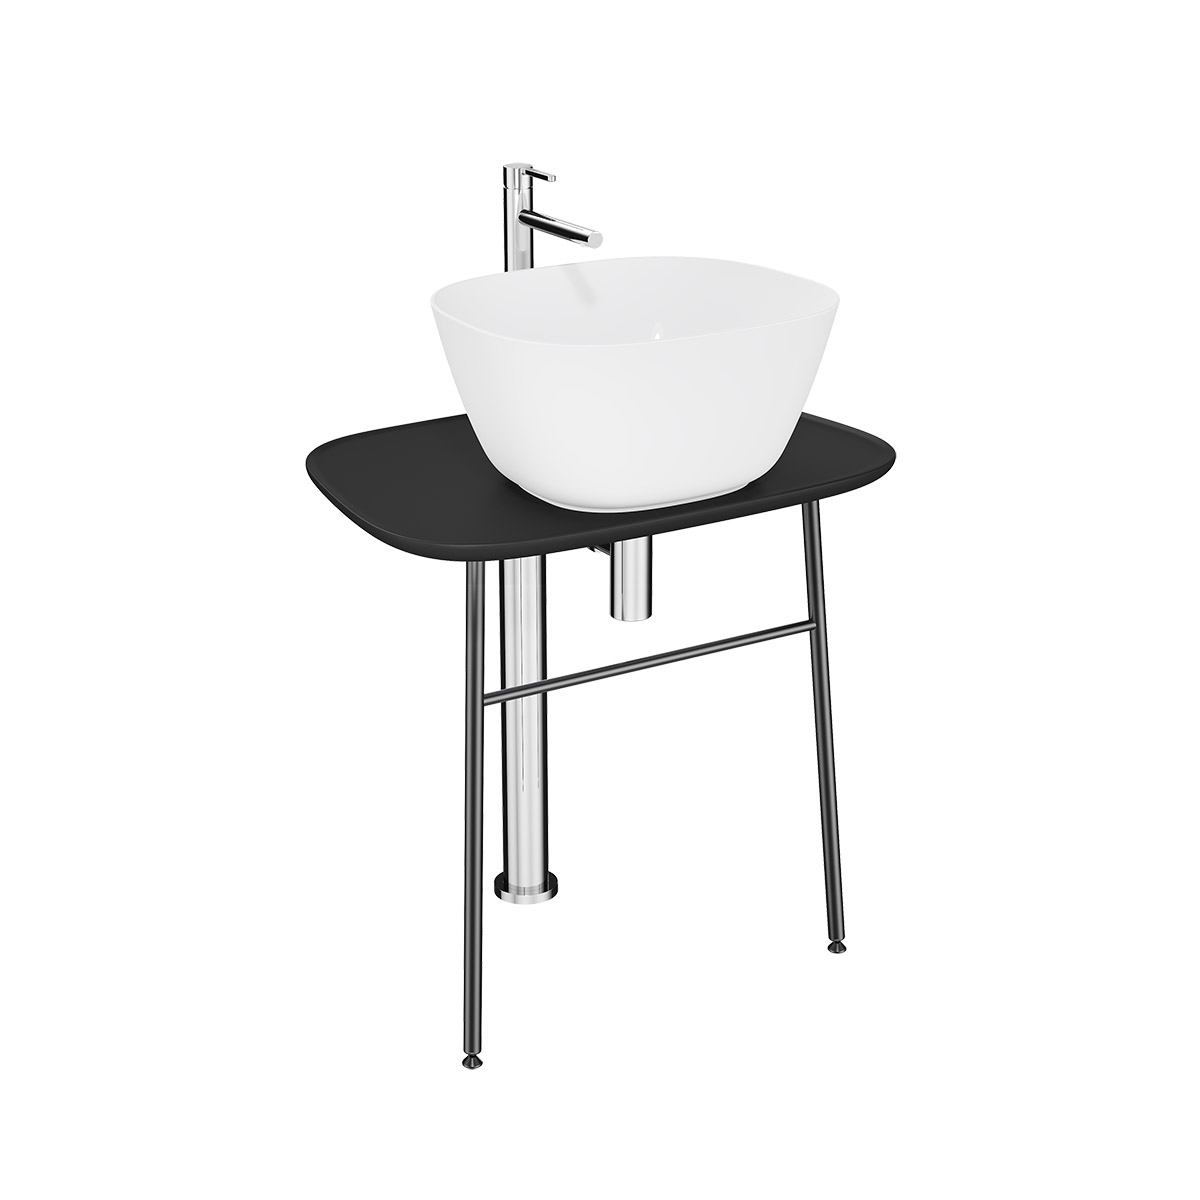 Plural Waschtischunterbau flach freistehend, Höhe 66 cm, Schwarz Matt